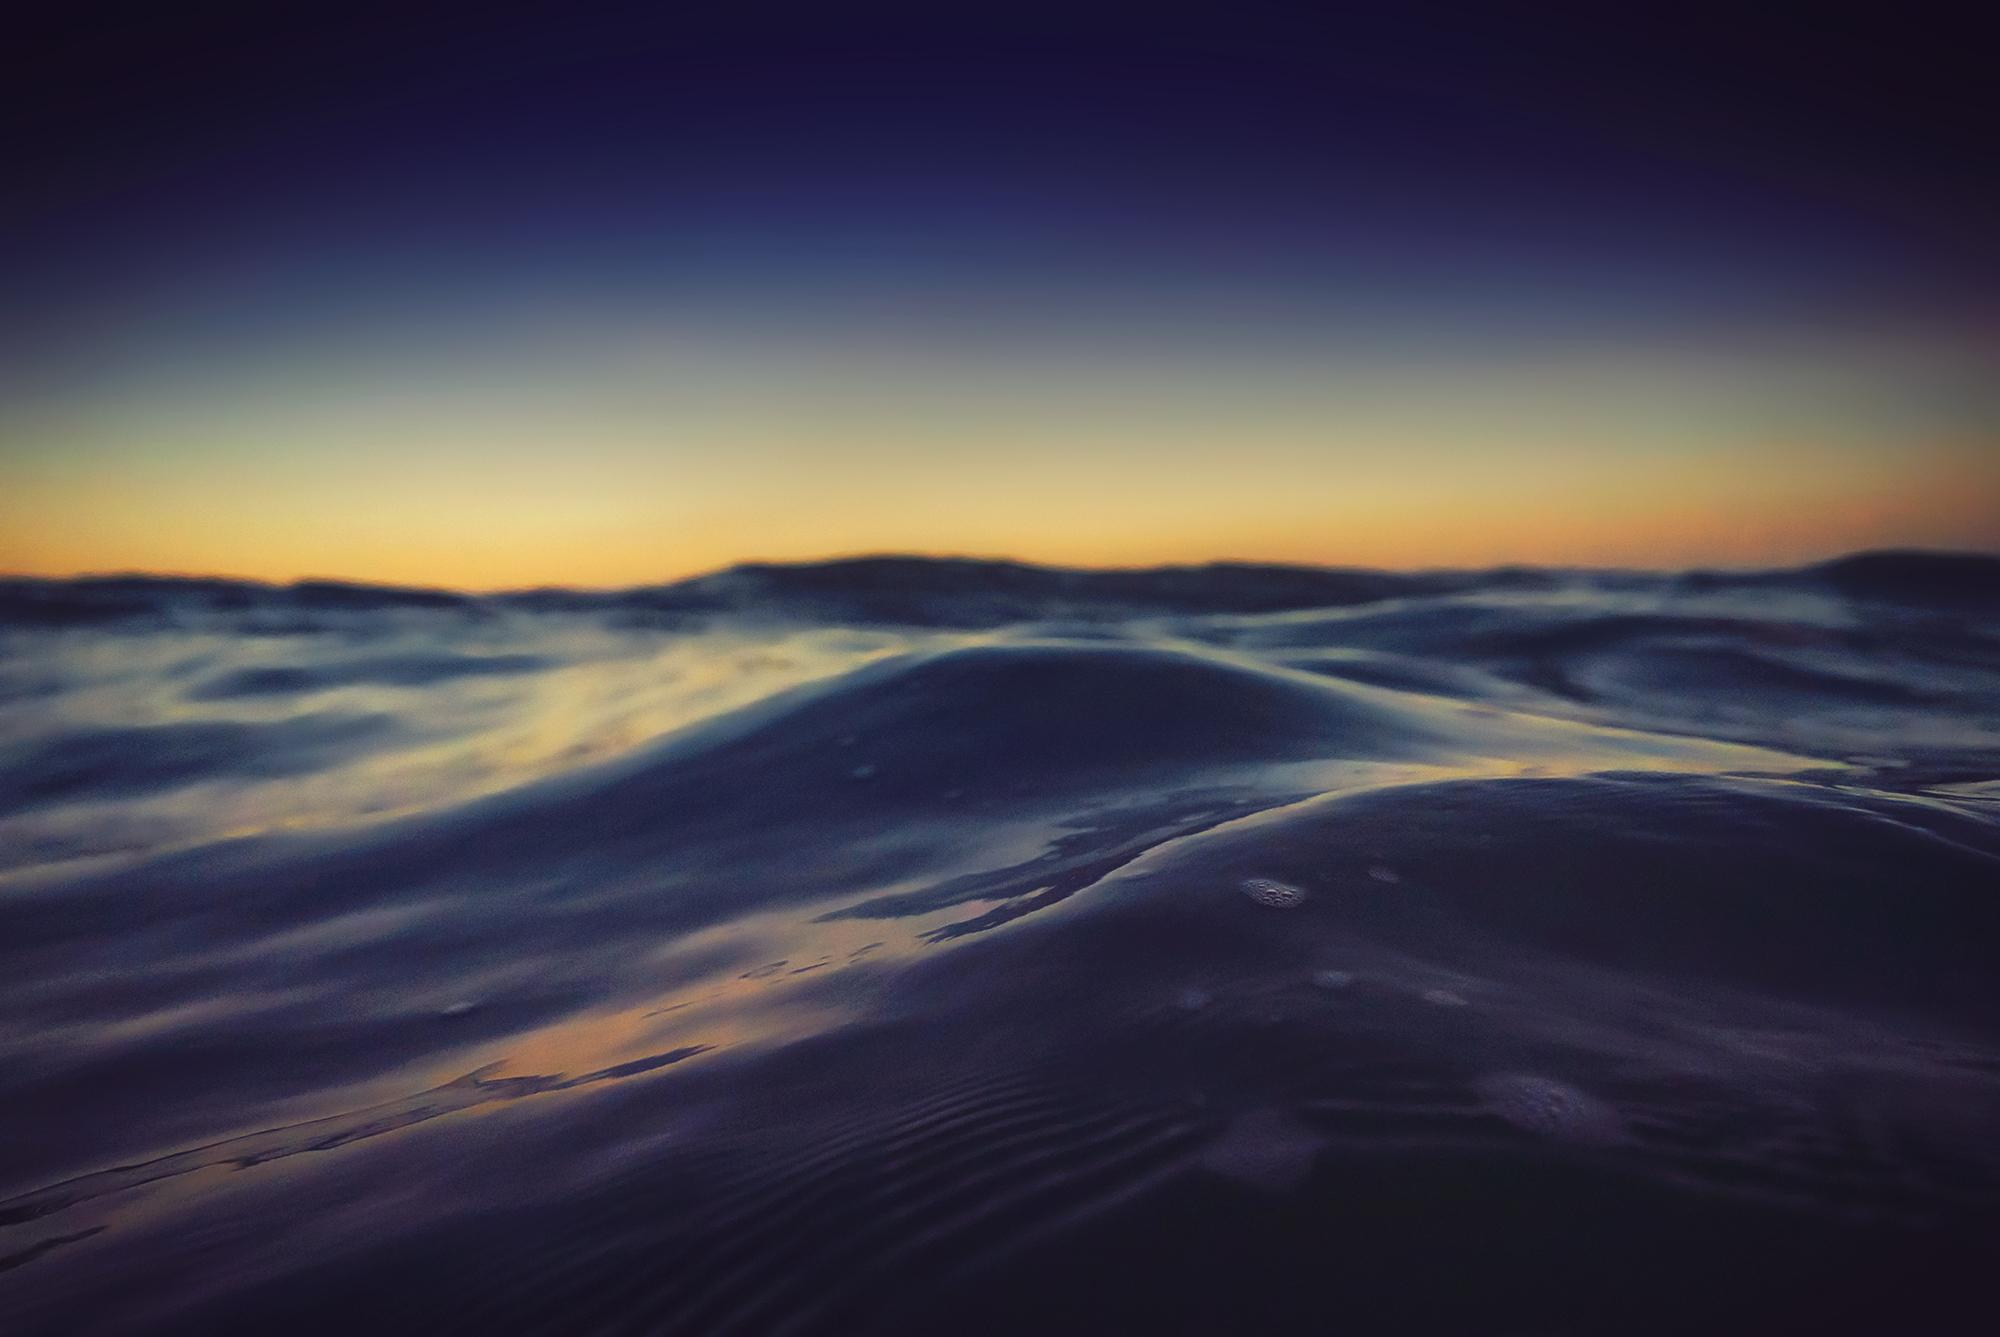 Ocean Wave Detail